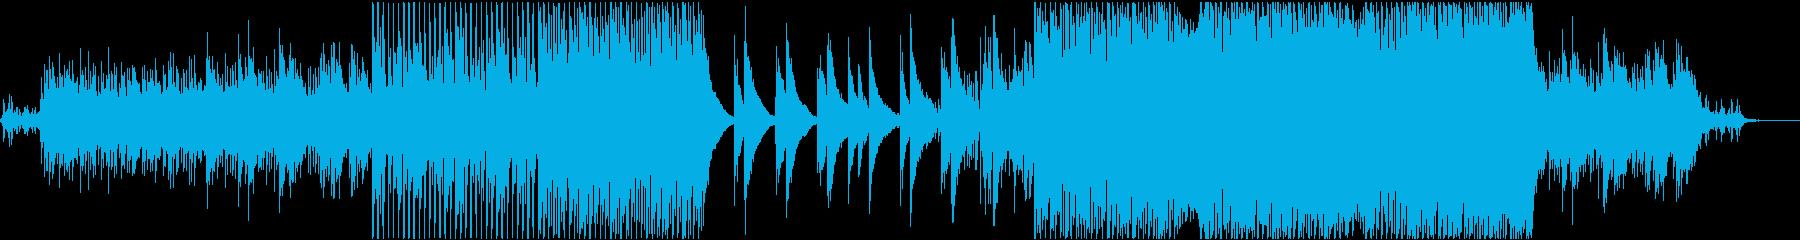 ポップ テクノ ロック アクティブ...の再生済みの波形